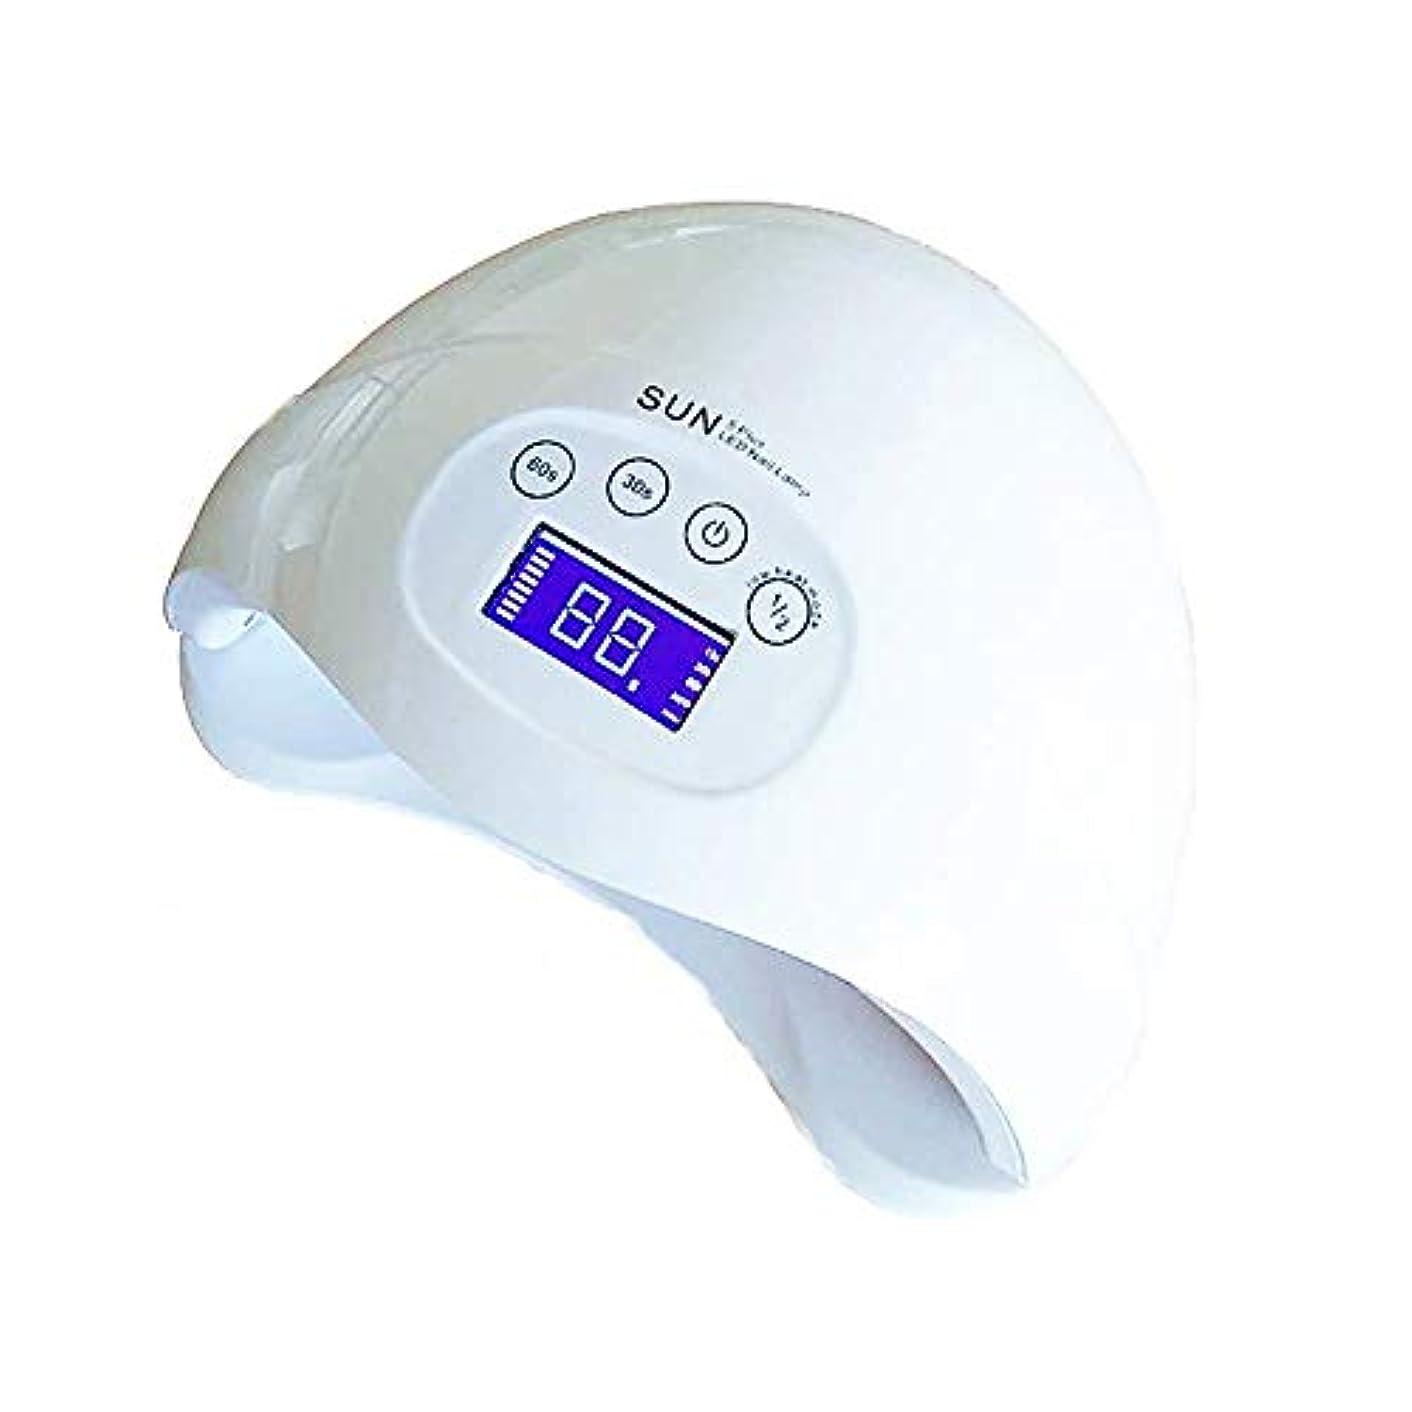 不名誉コーヒー大胆48ワットネイルライト療法ランプネイルドライヤー新しいuv ledネイルランプネイルツールlntelligent表示時間